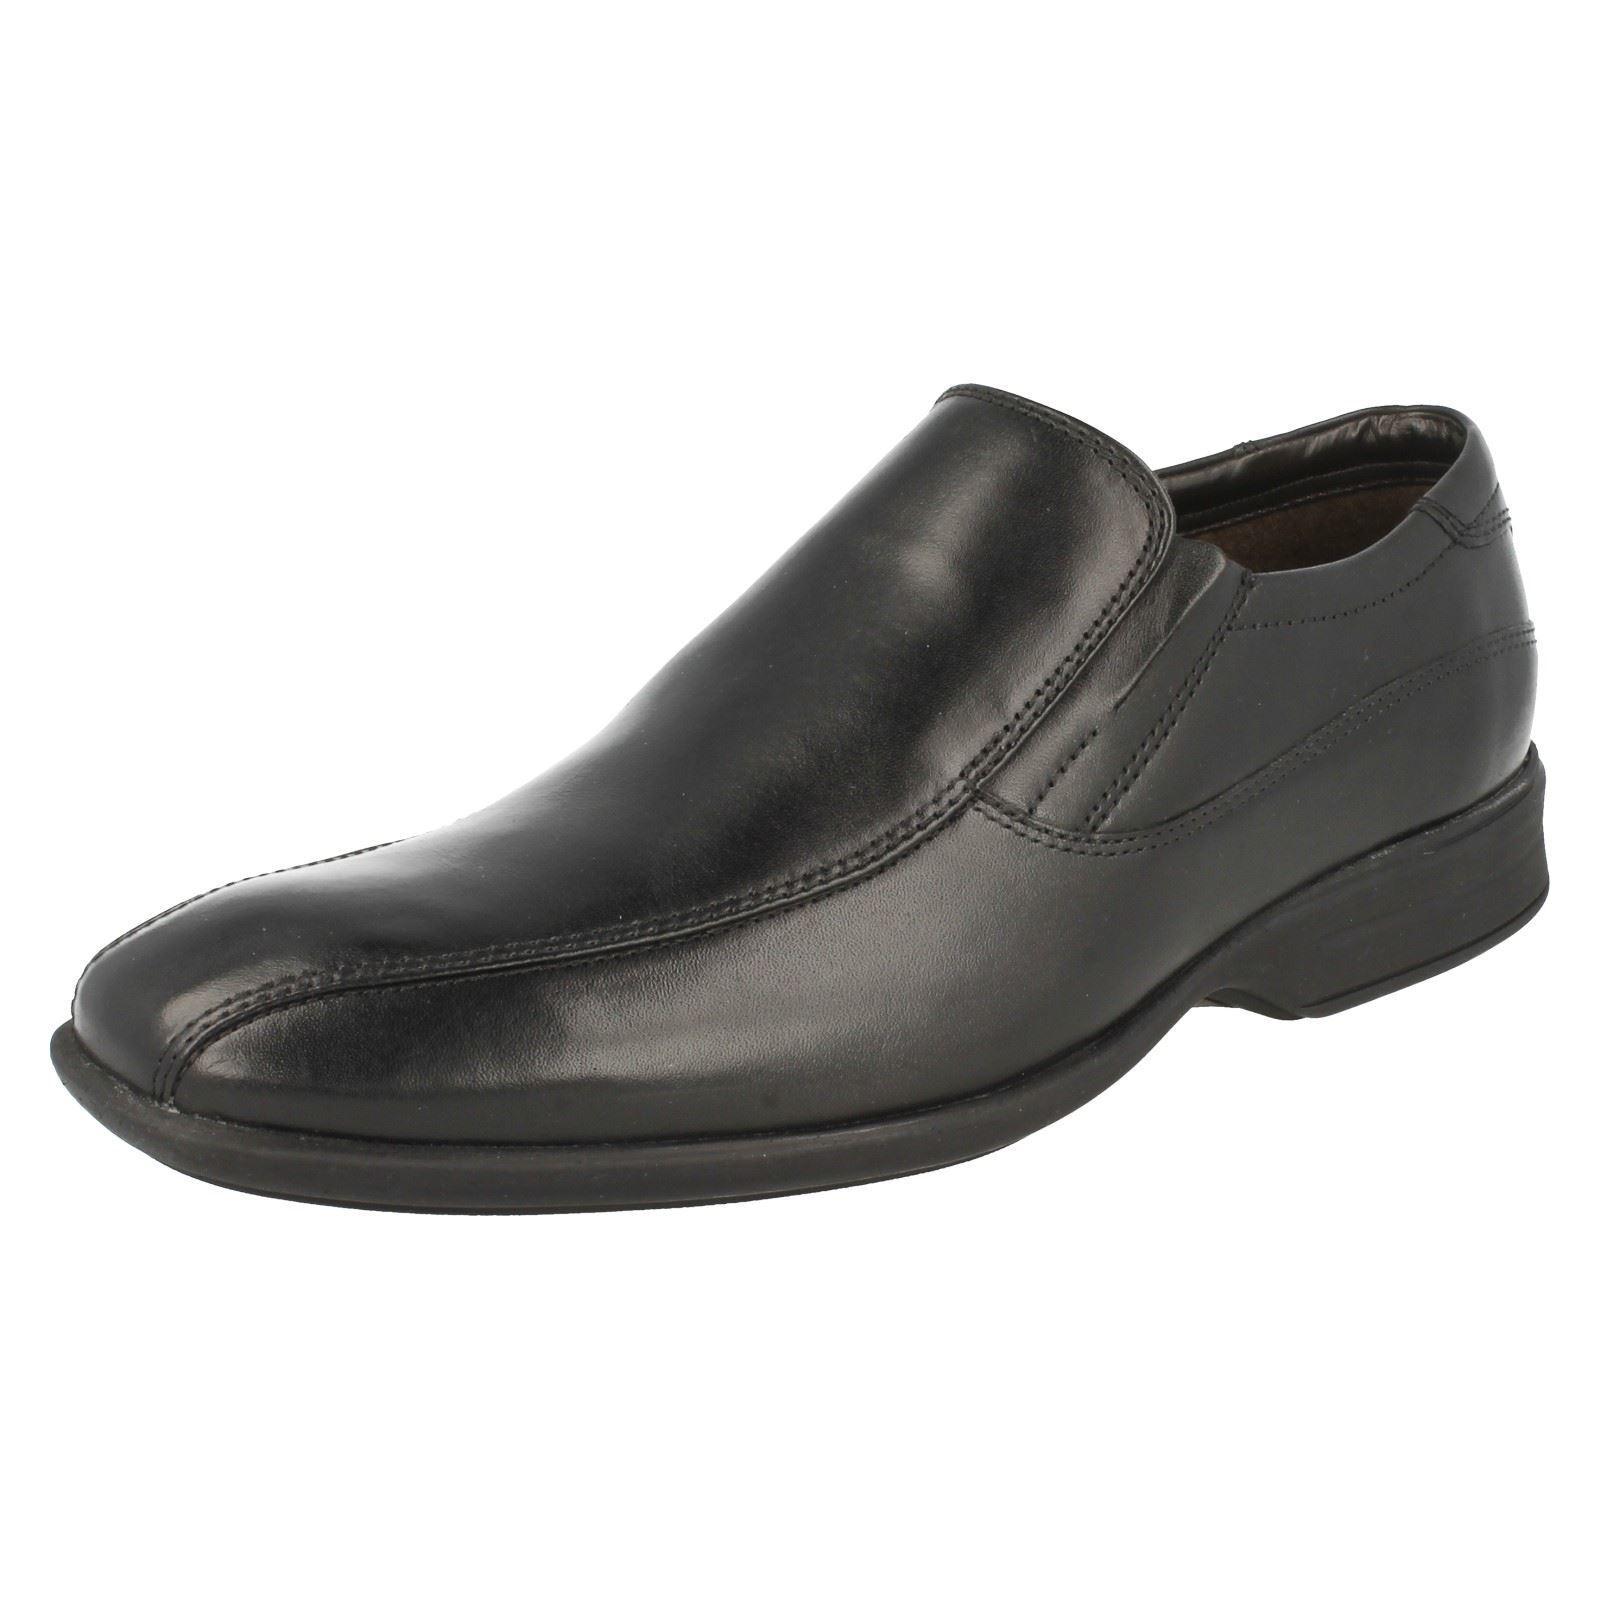 Herren Herren Herren Clarks Gadwell Stride Formal Slip On Schuhes aa39c4